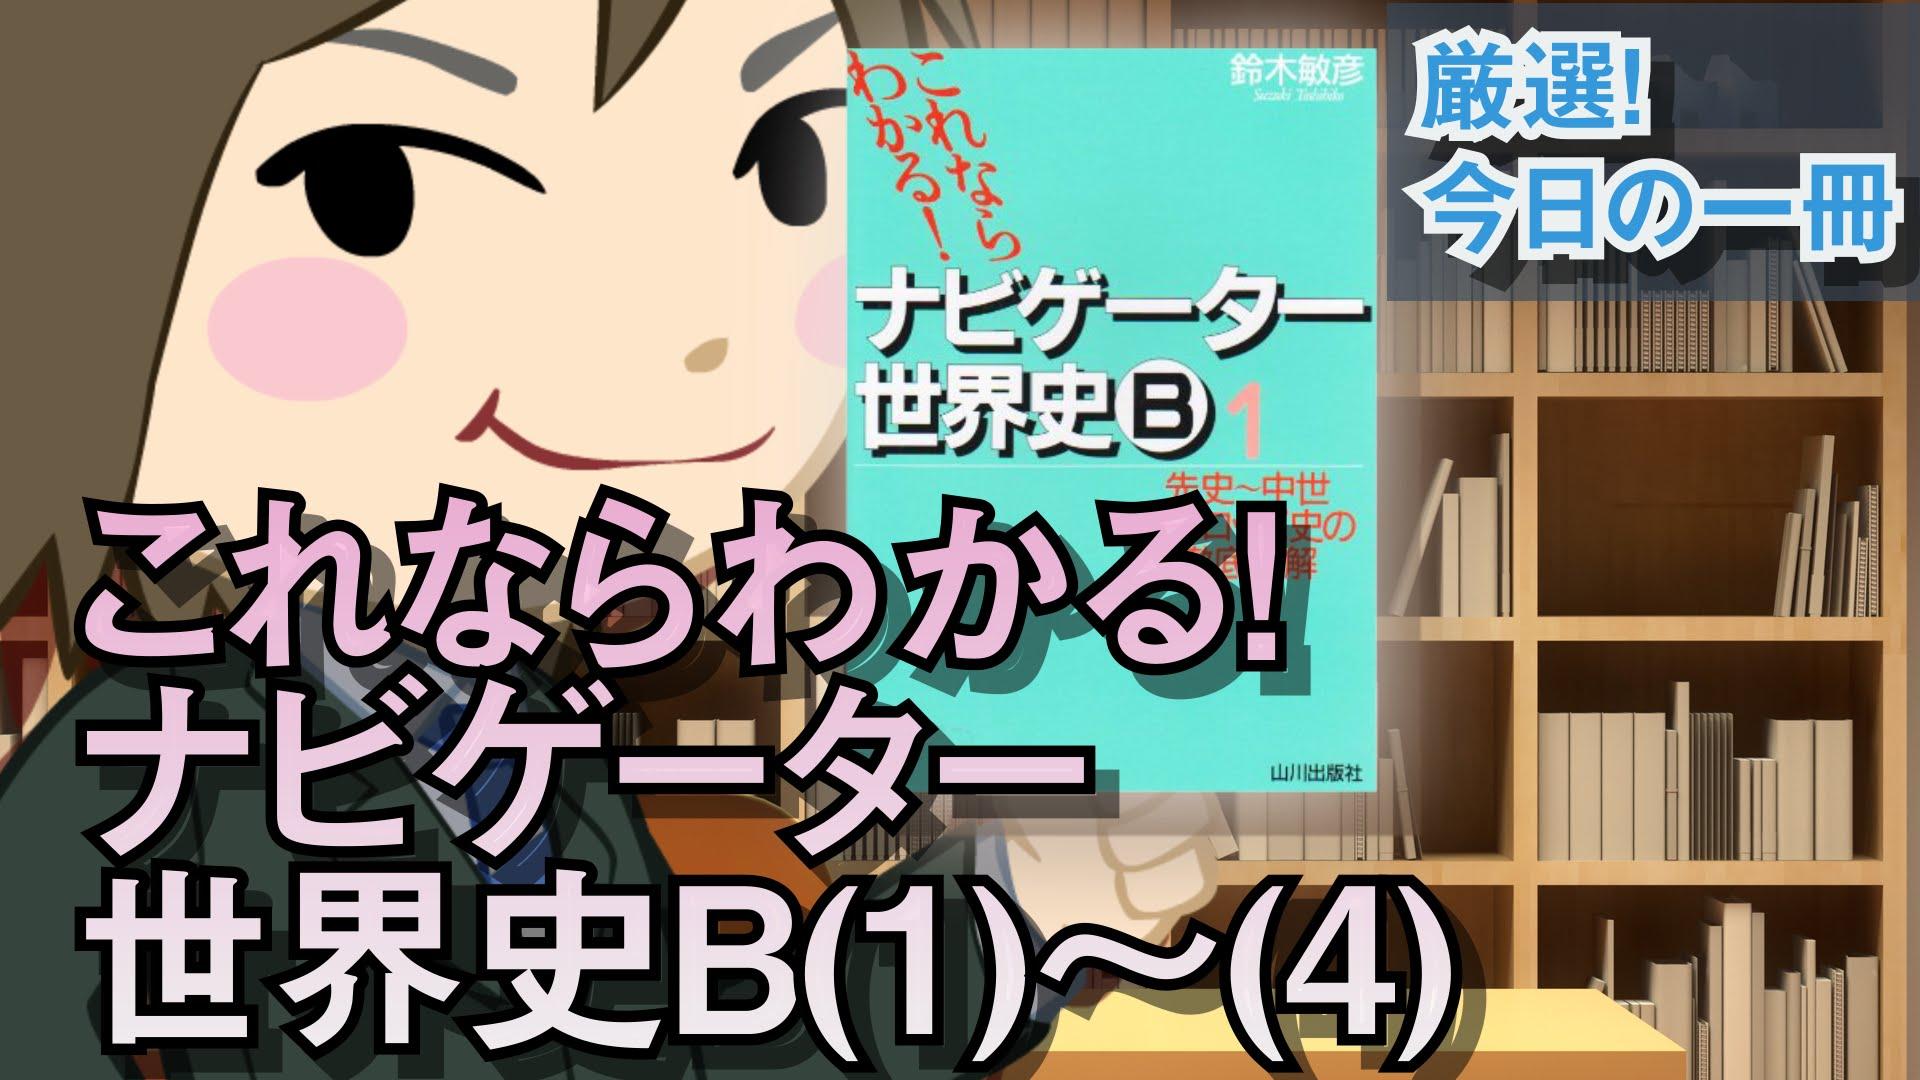 これならわかる!ナビゲーター 世界史B|武田塾厳選!今日の一冊